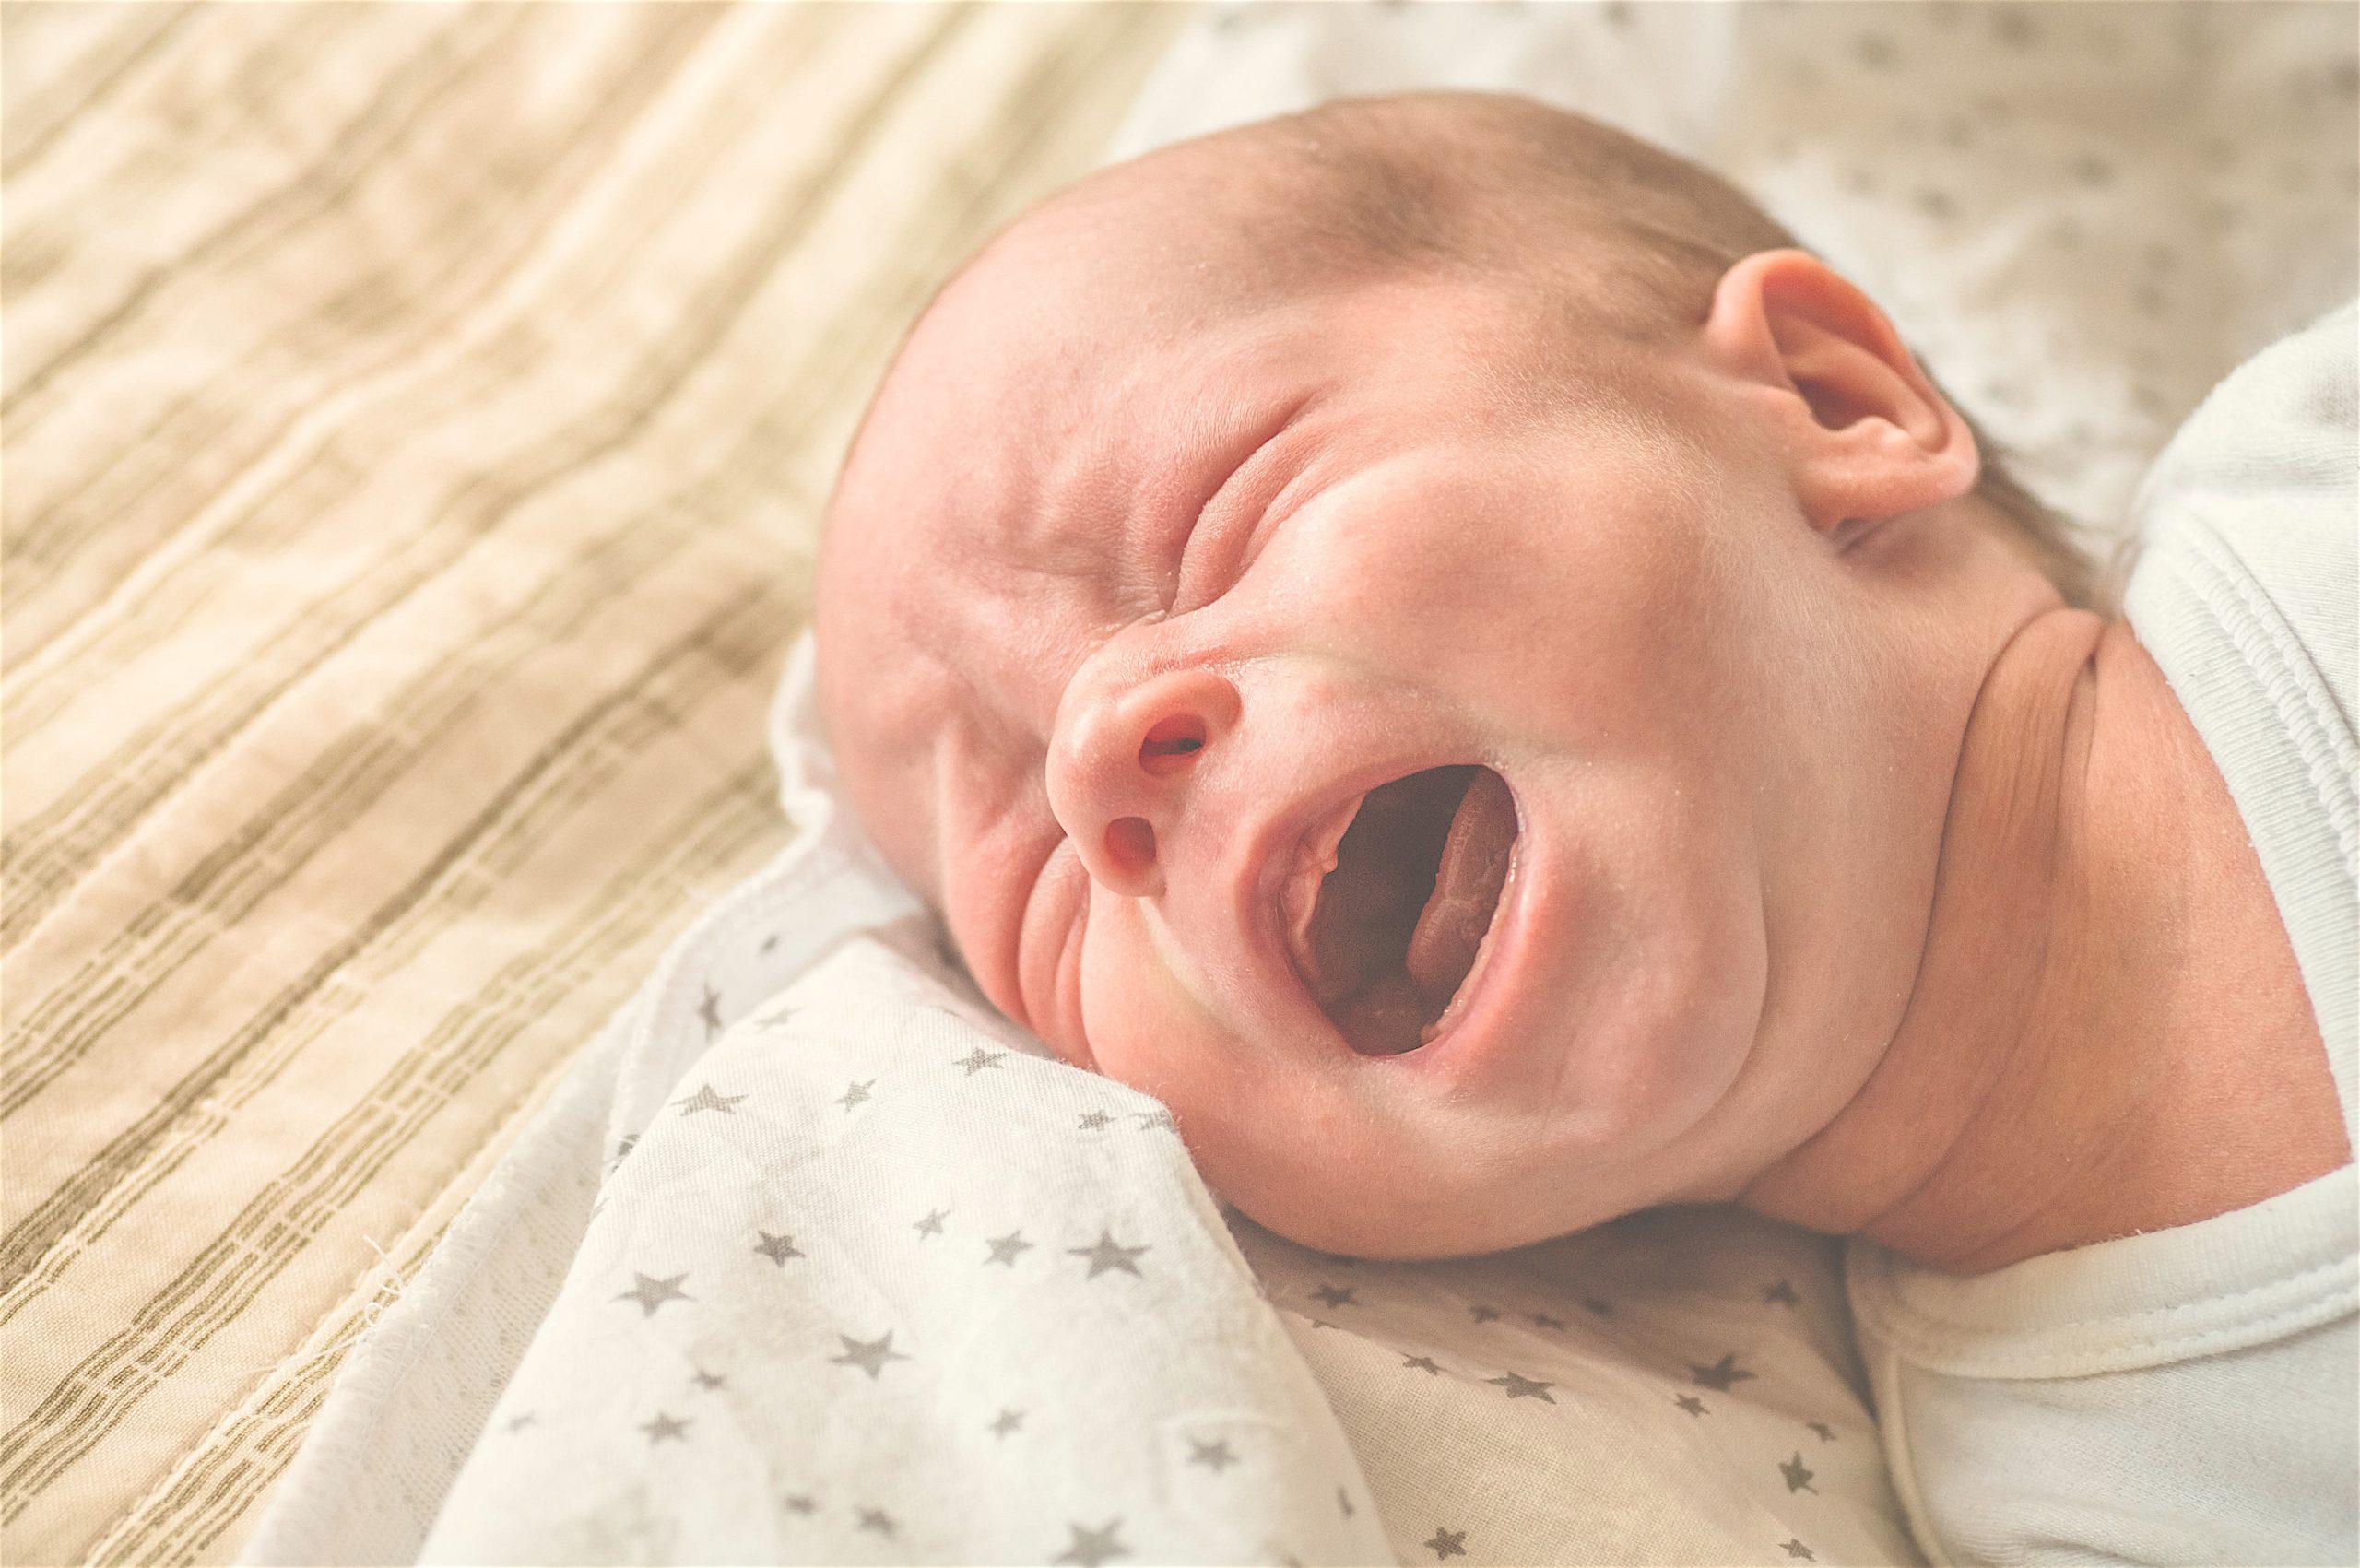 ¿Por qué lloran los bebés al nacer?